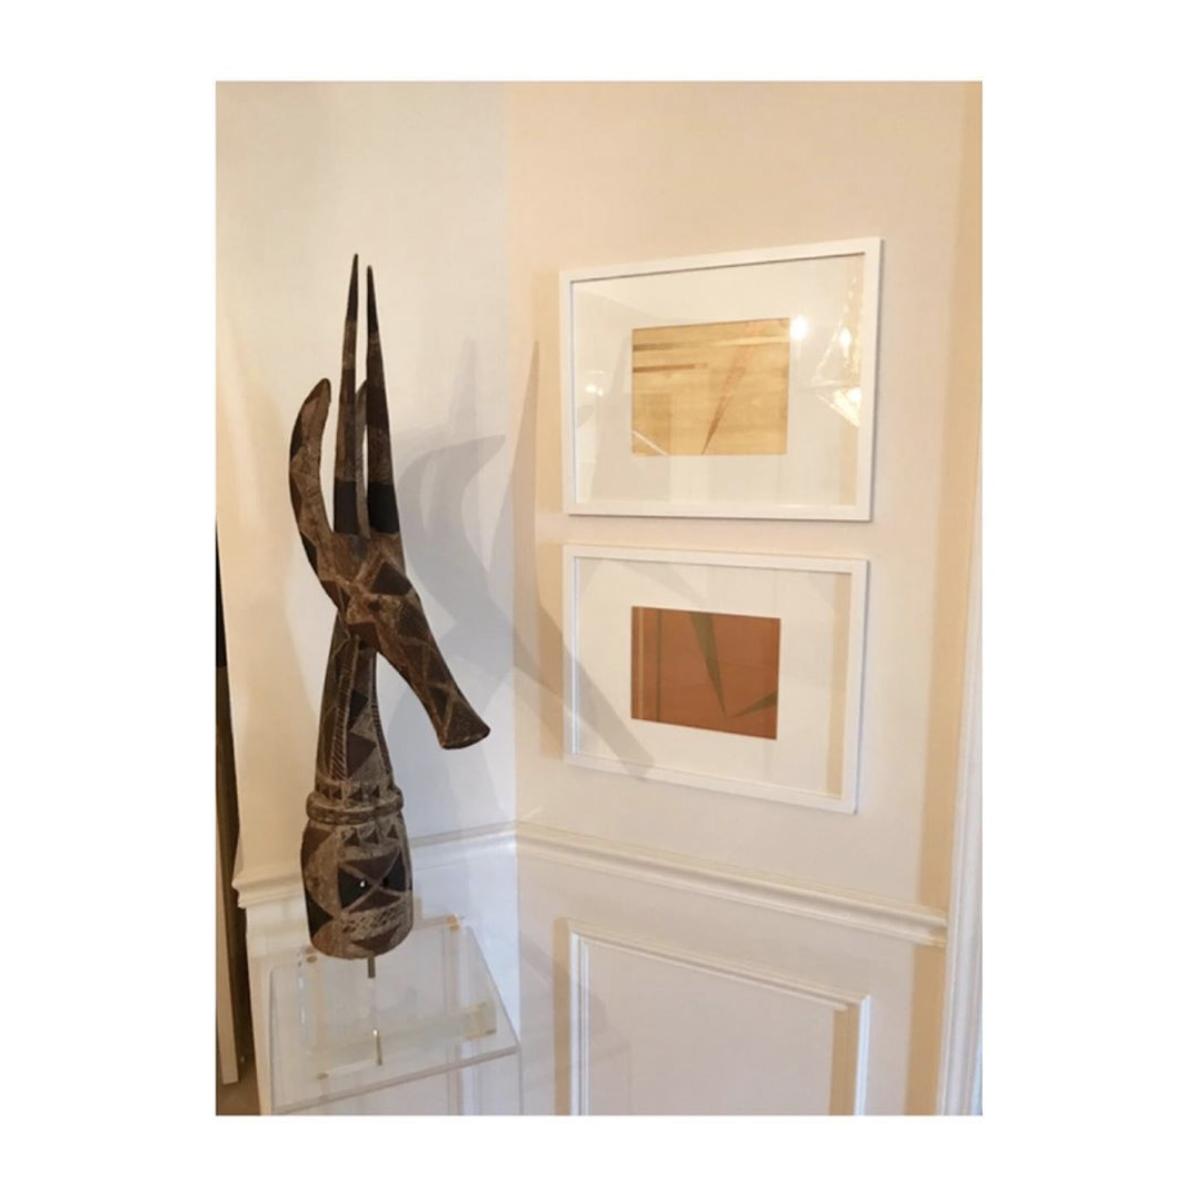 Marta-Staudinger-Artist-Paintings-on-Paper